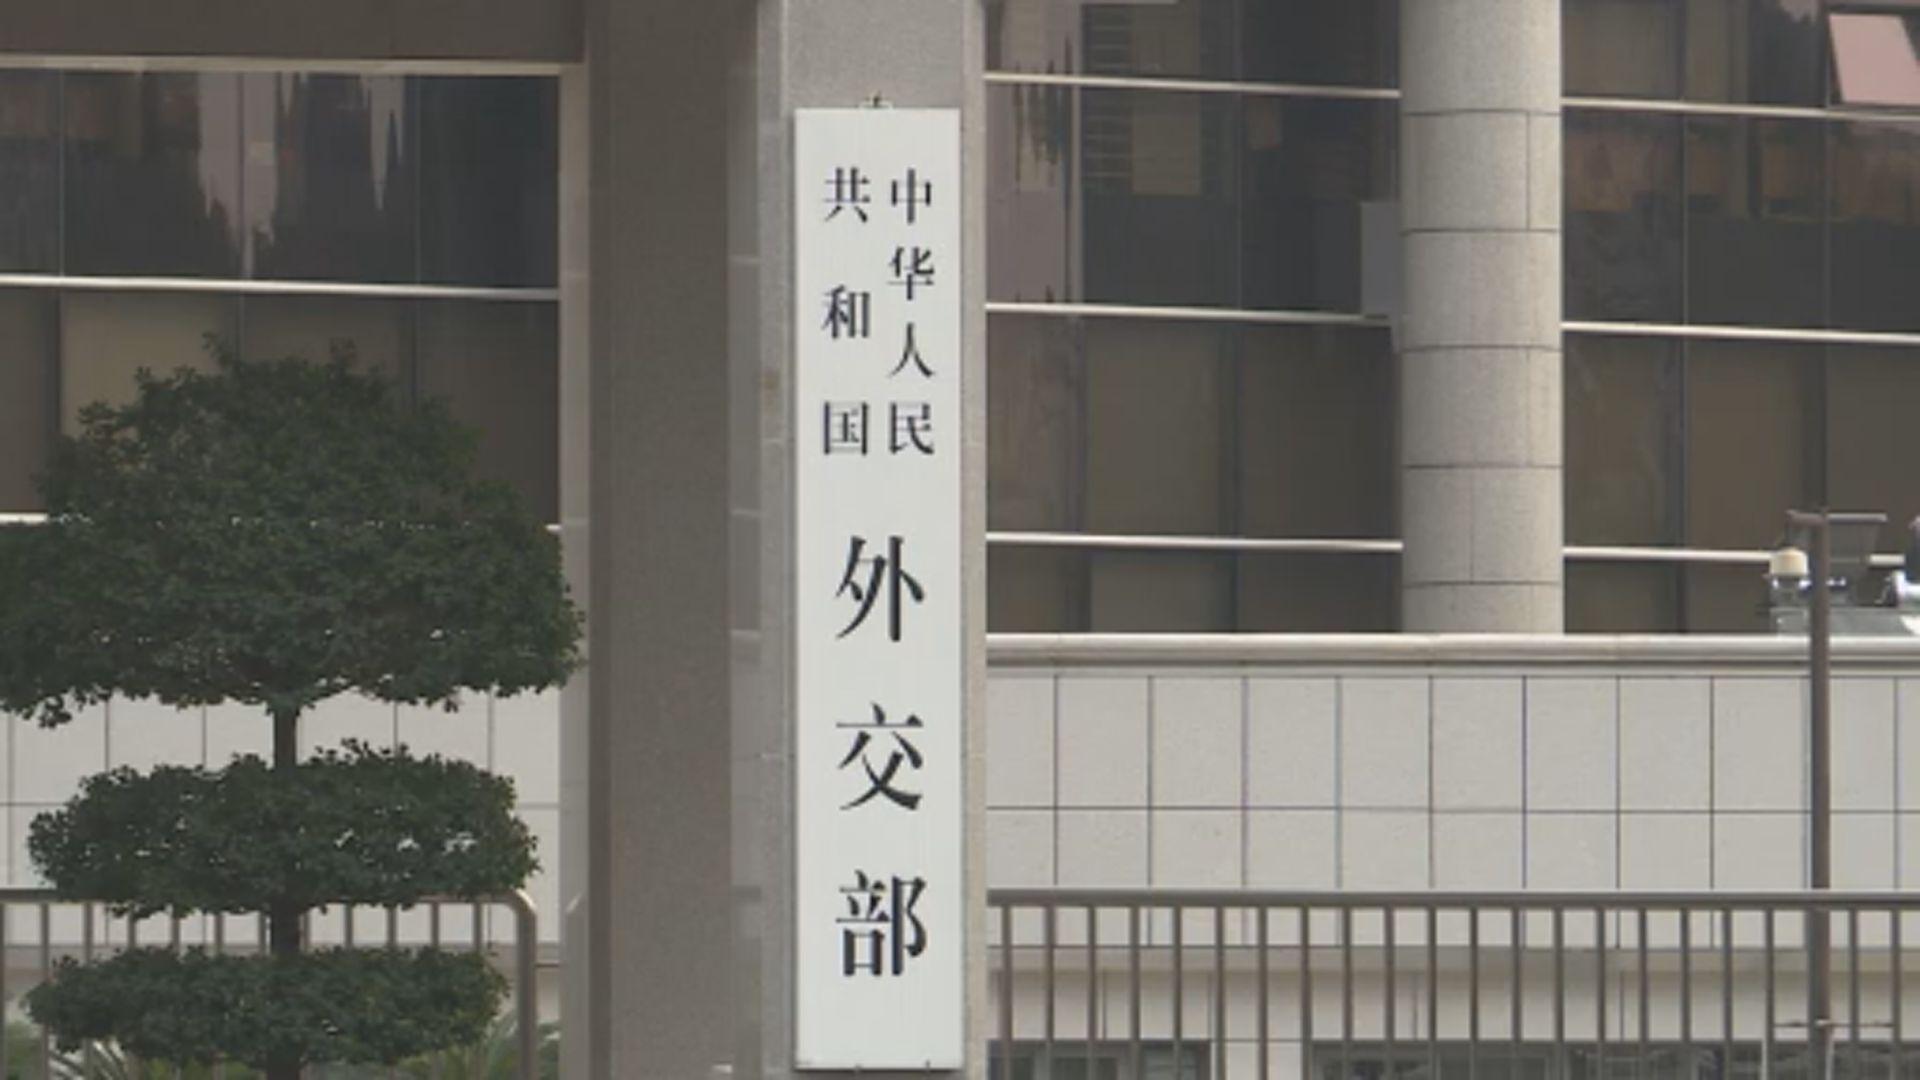 中國暫停外國人持簽證和居留許可入境